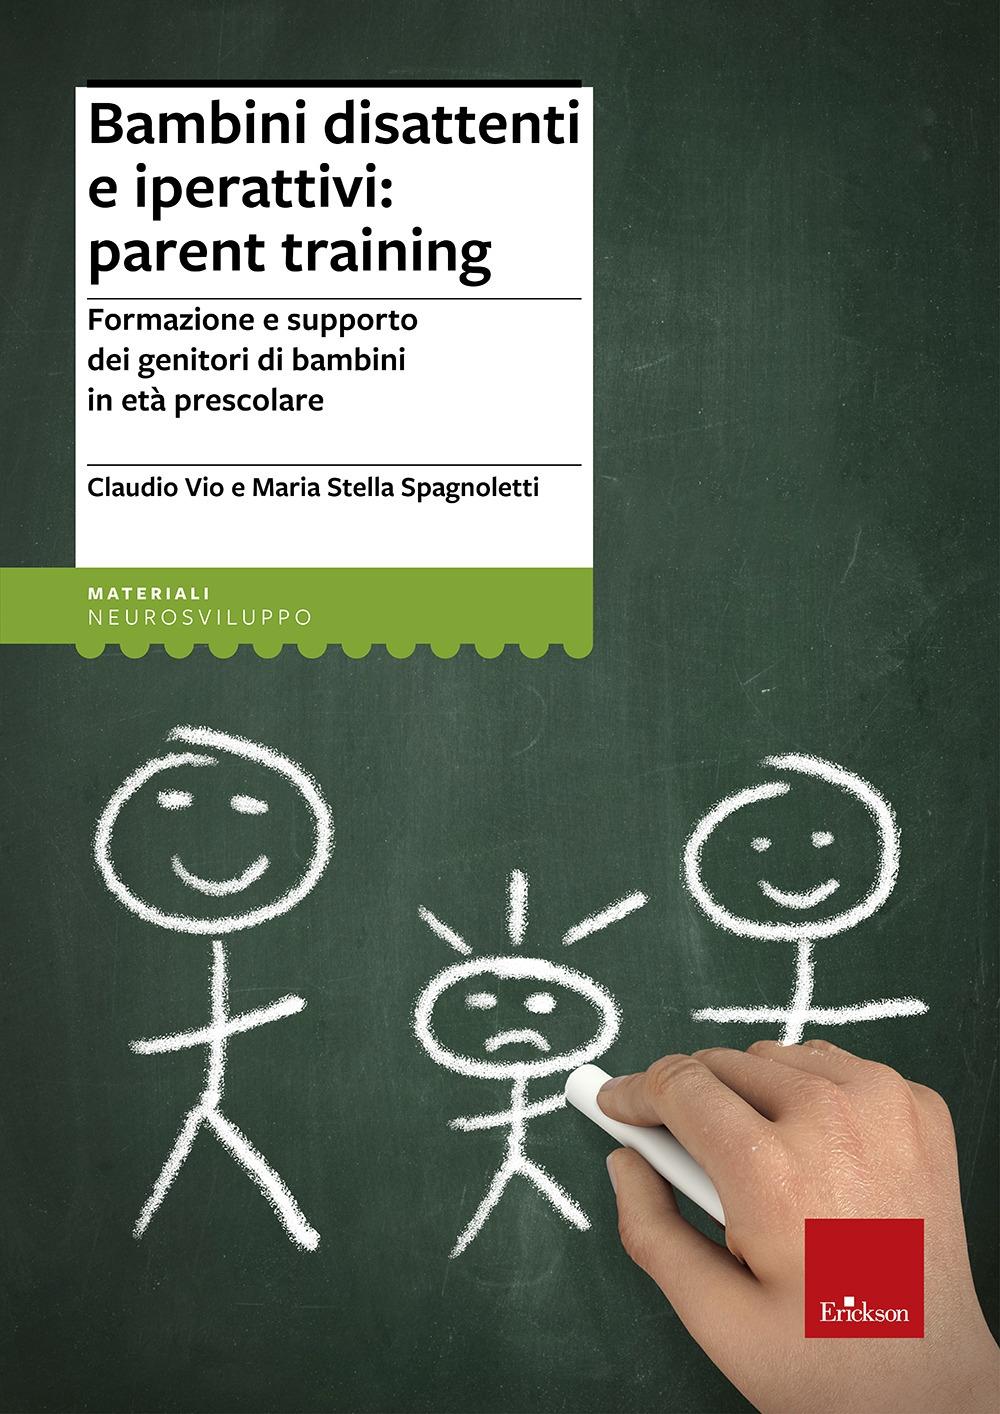 Bambini disattenti e iperattivi: parent training. Formazione e supporto dei genitori di bambini in età prescolare